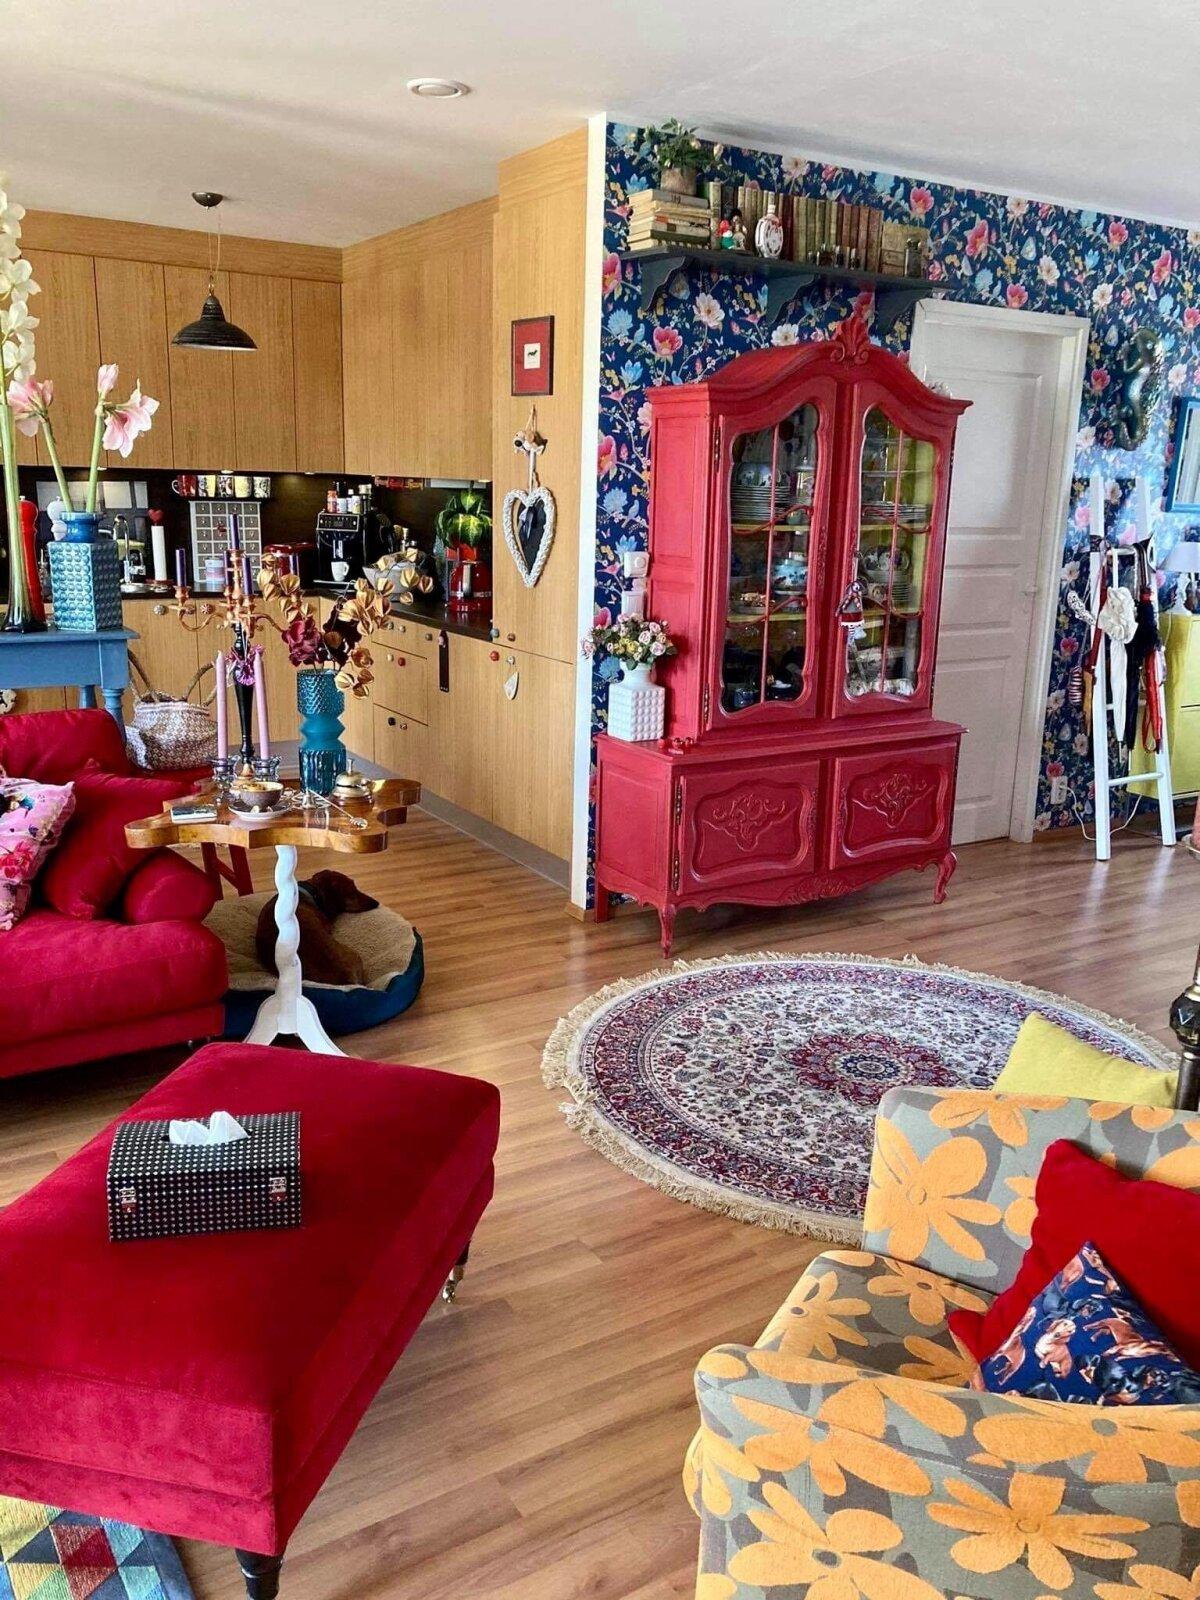 Värvikast värvikam kodu